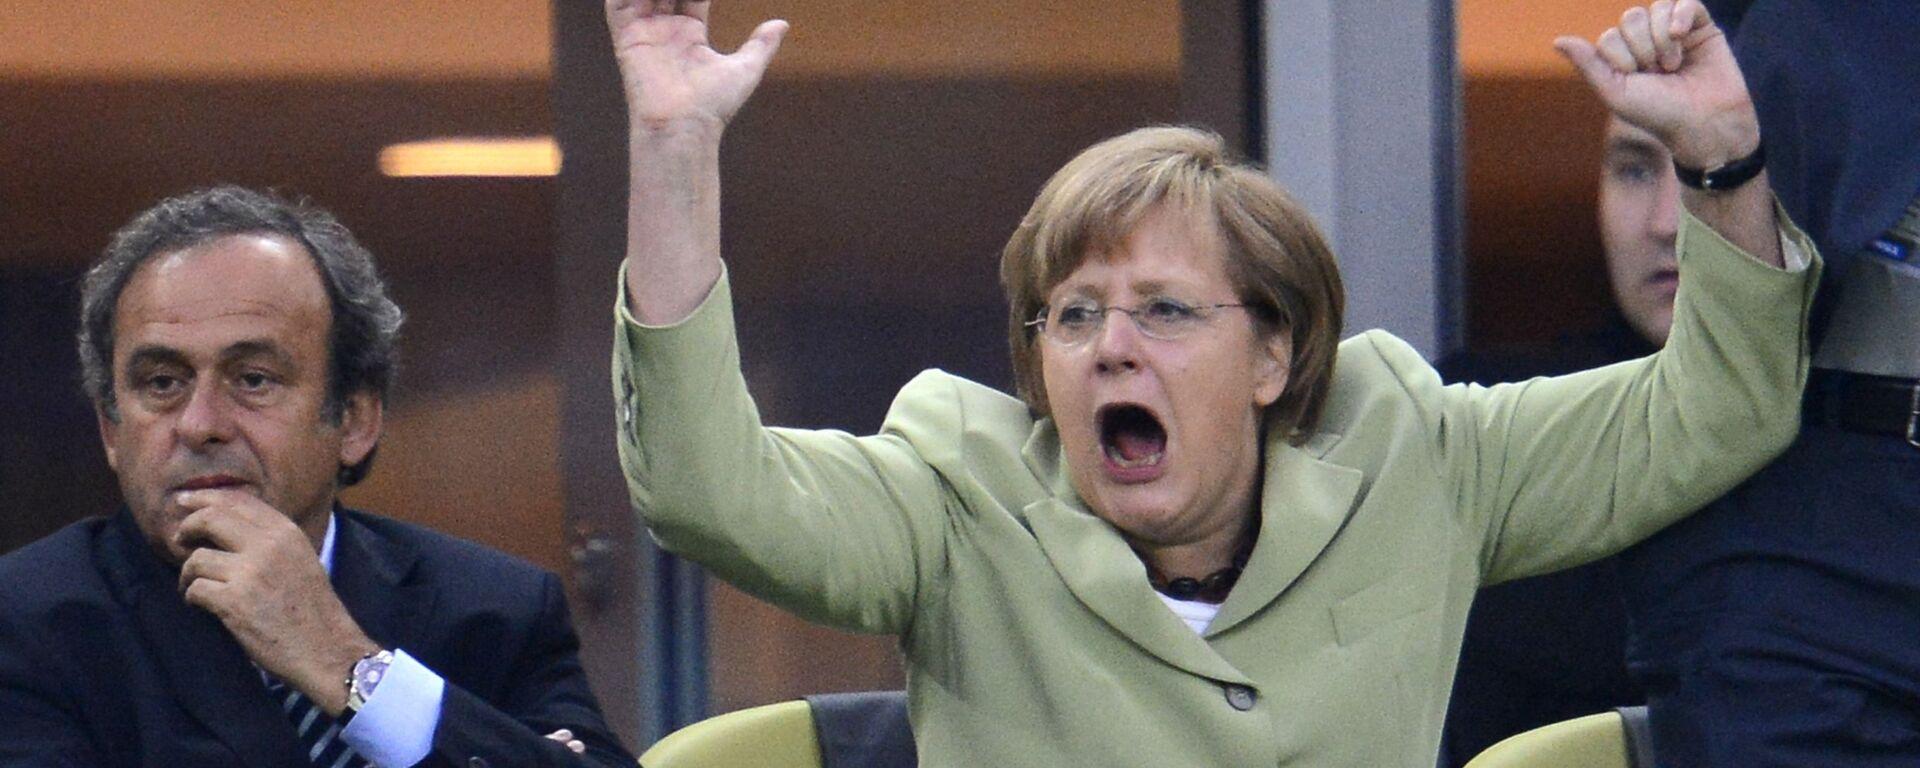 Канцлер Германии Ангела Меркель празднует на арене Гданьск - Sputnik Абхазия, 1920, 21.09.2021